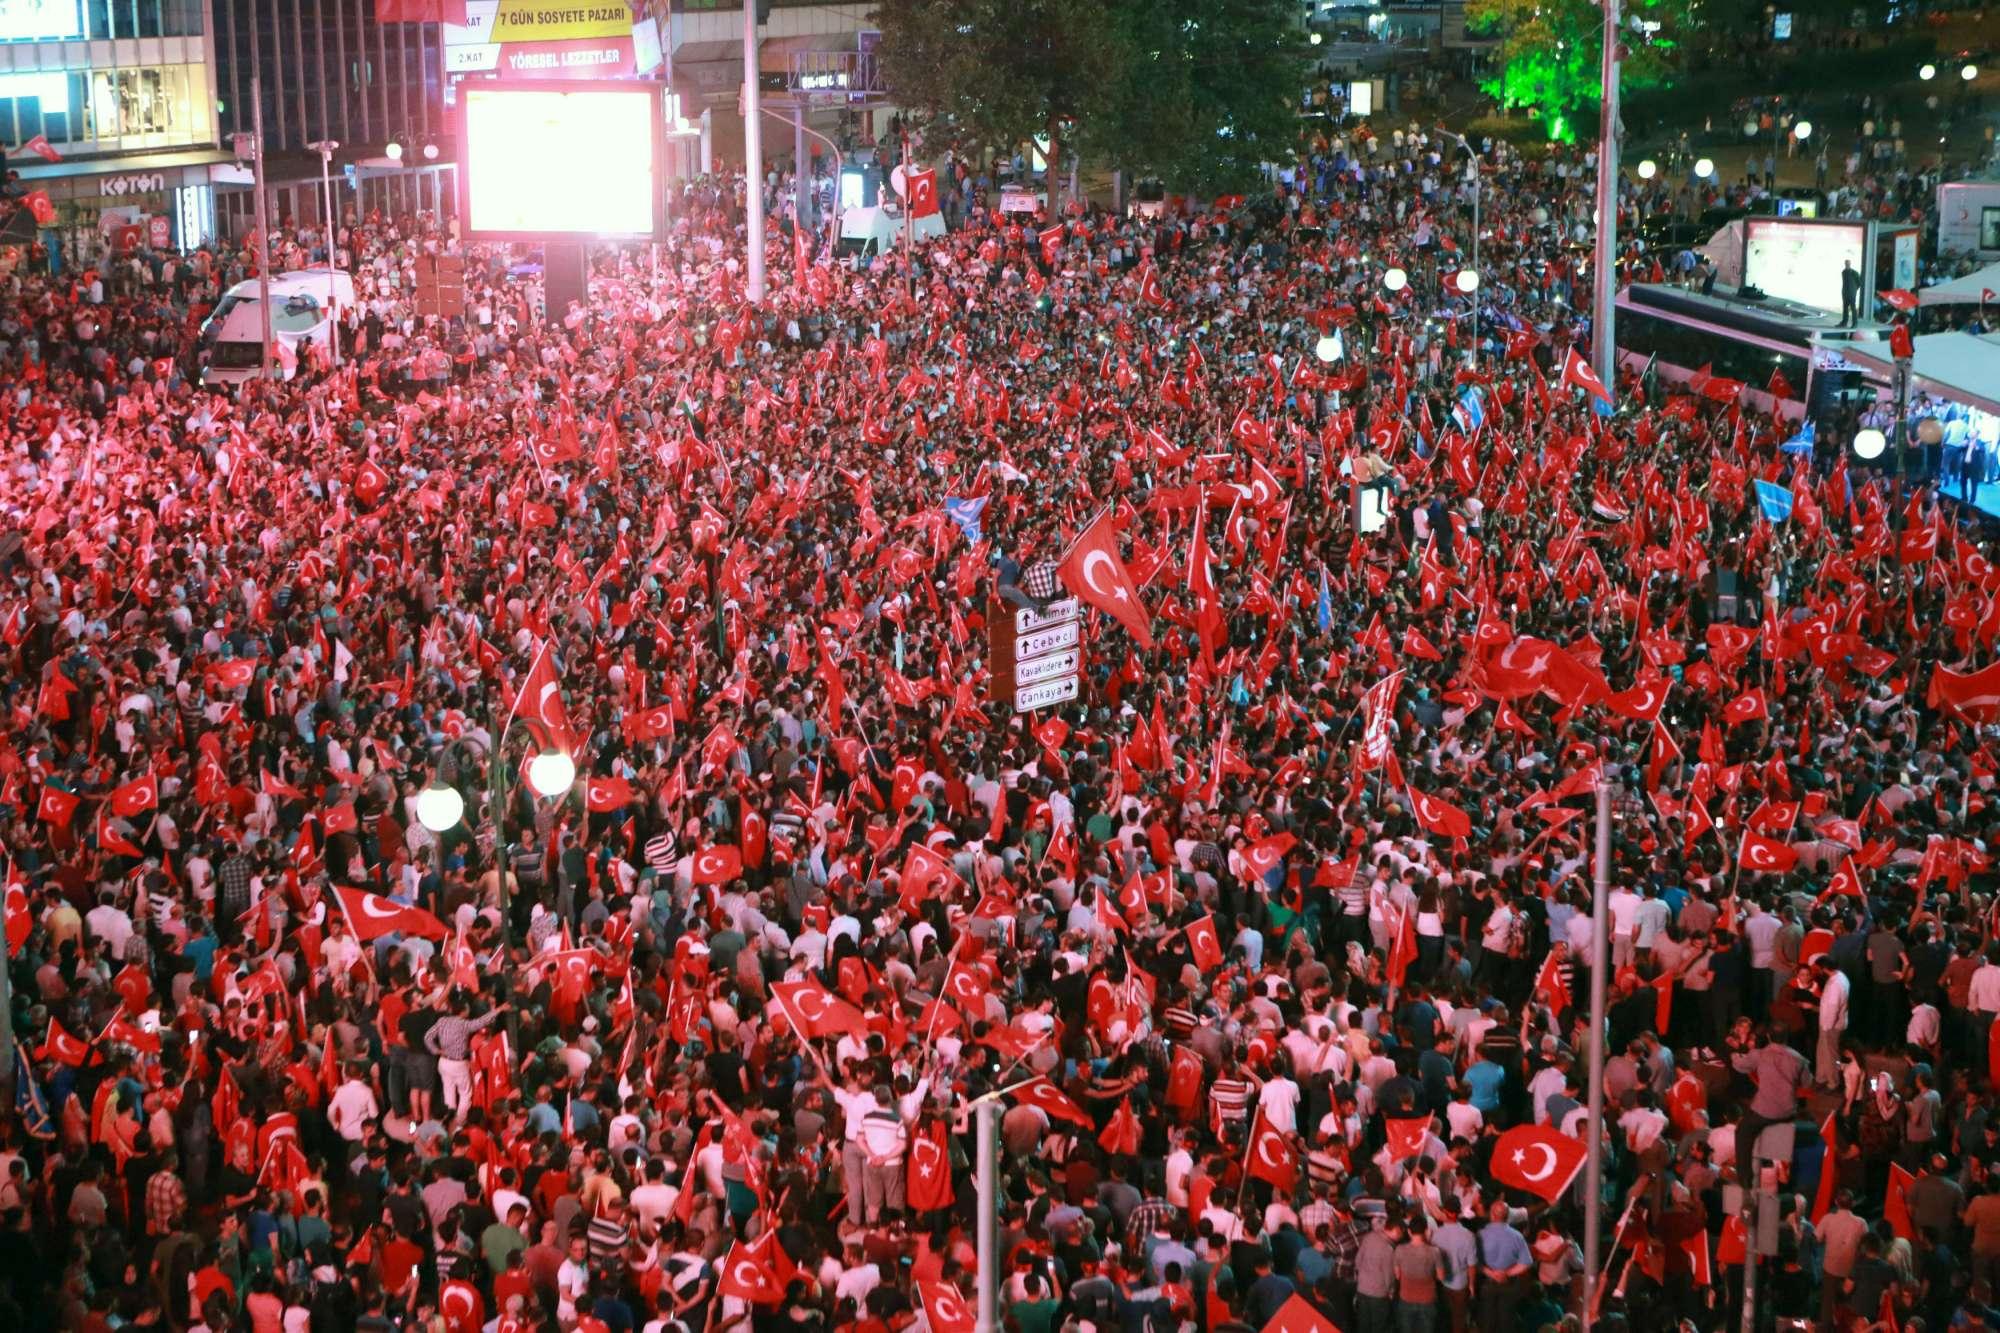 Turchia, migliaia in piazza per festeggiare il fallimento del golpe